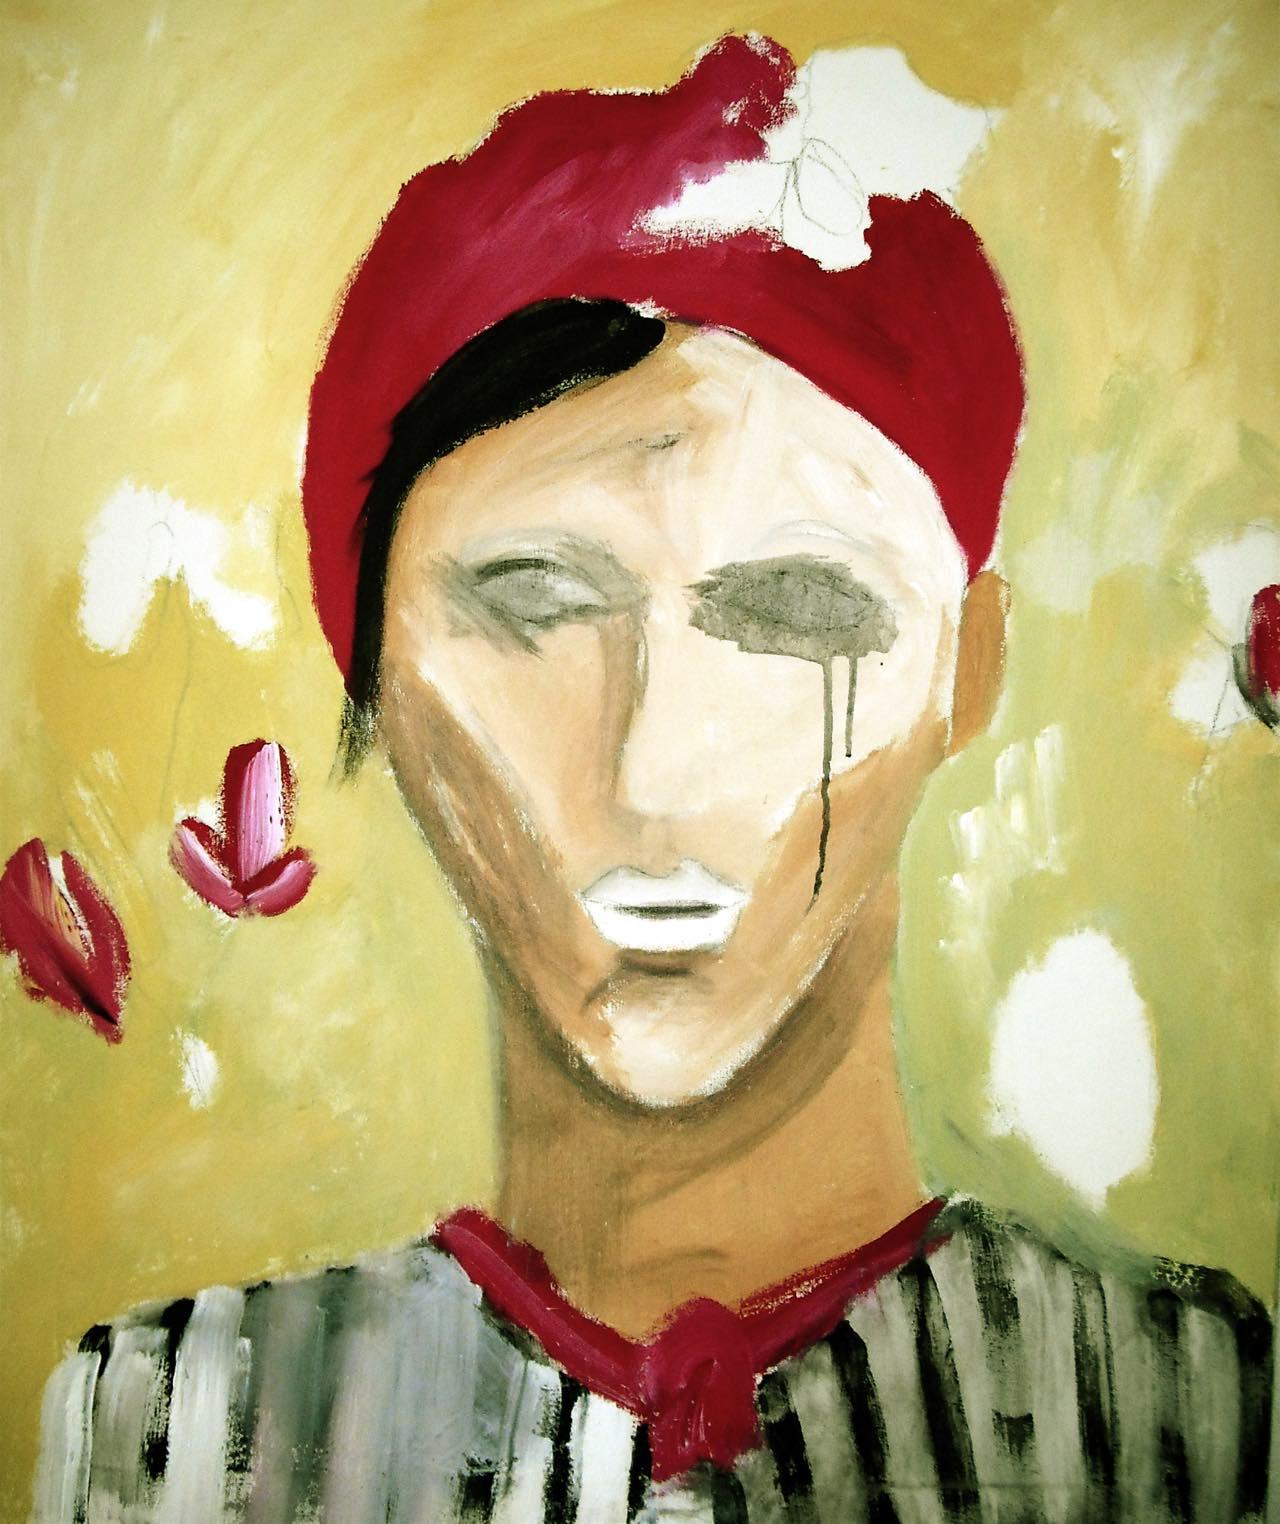 Mann ohne Augen